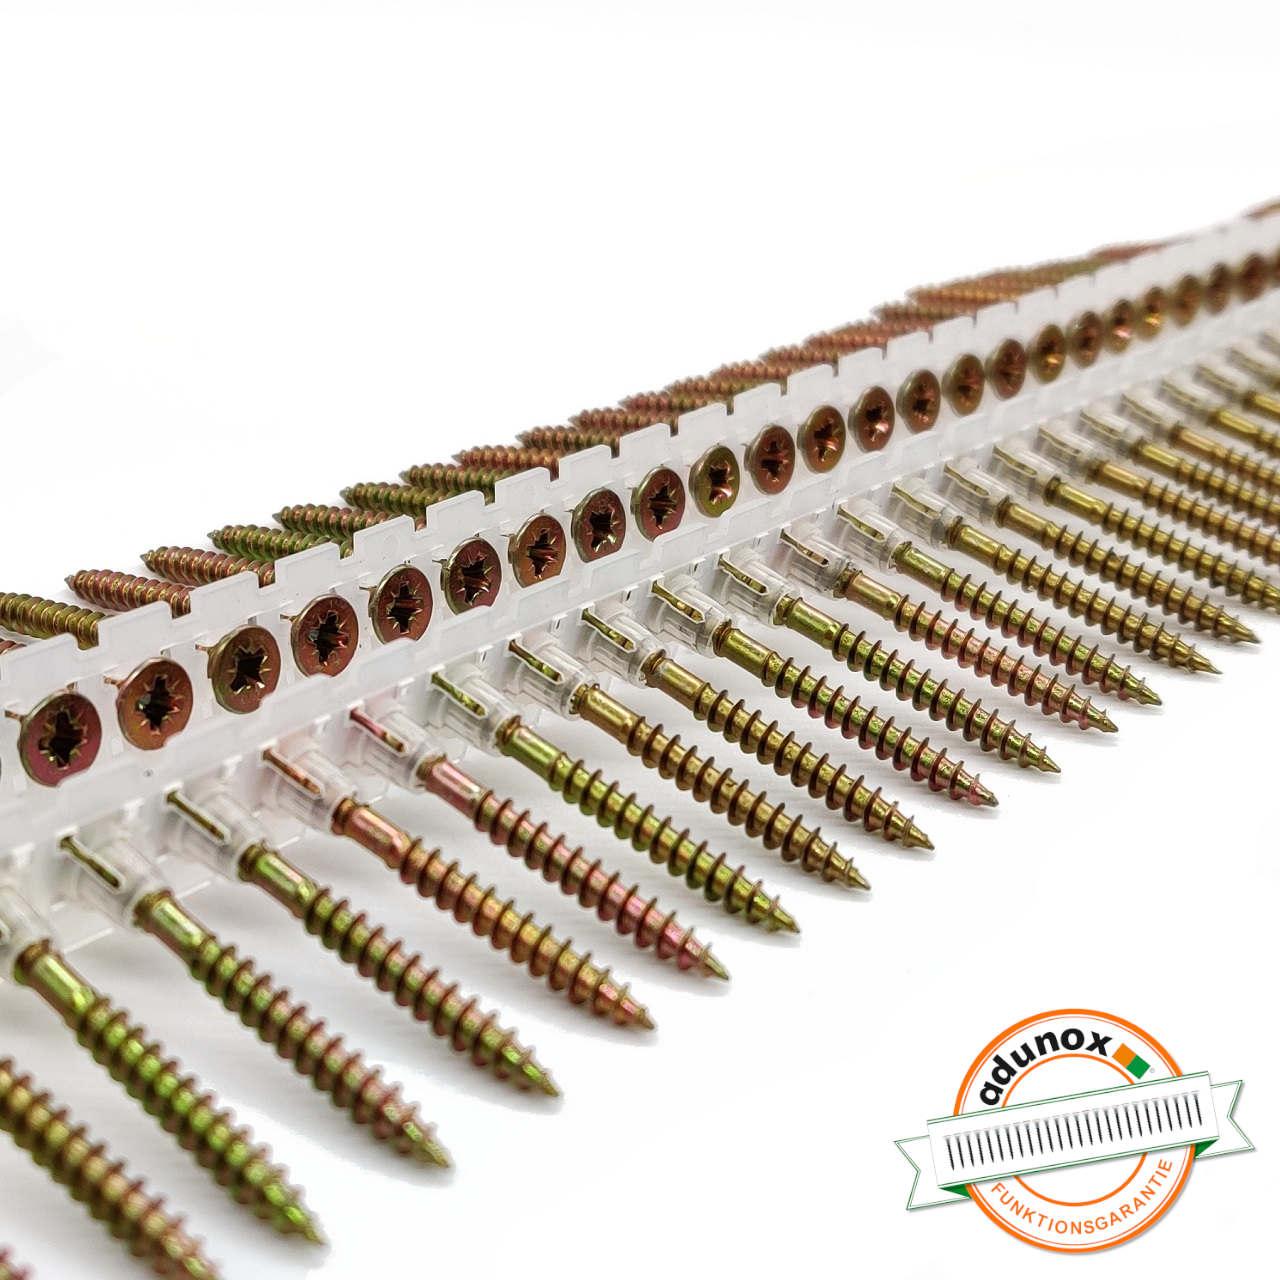 Magazinierte Universal Holzschrauben / Spanplattenschrauben | gelb verzinkt | Teilgewinde | 4,0x50 | 1.000 Stk